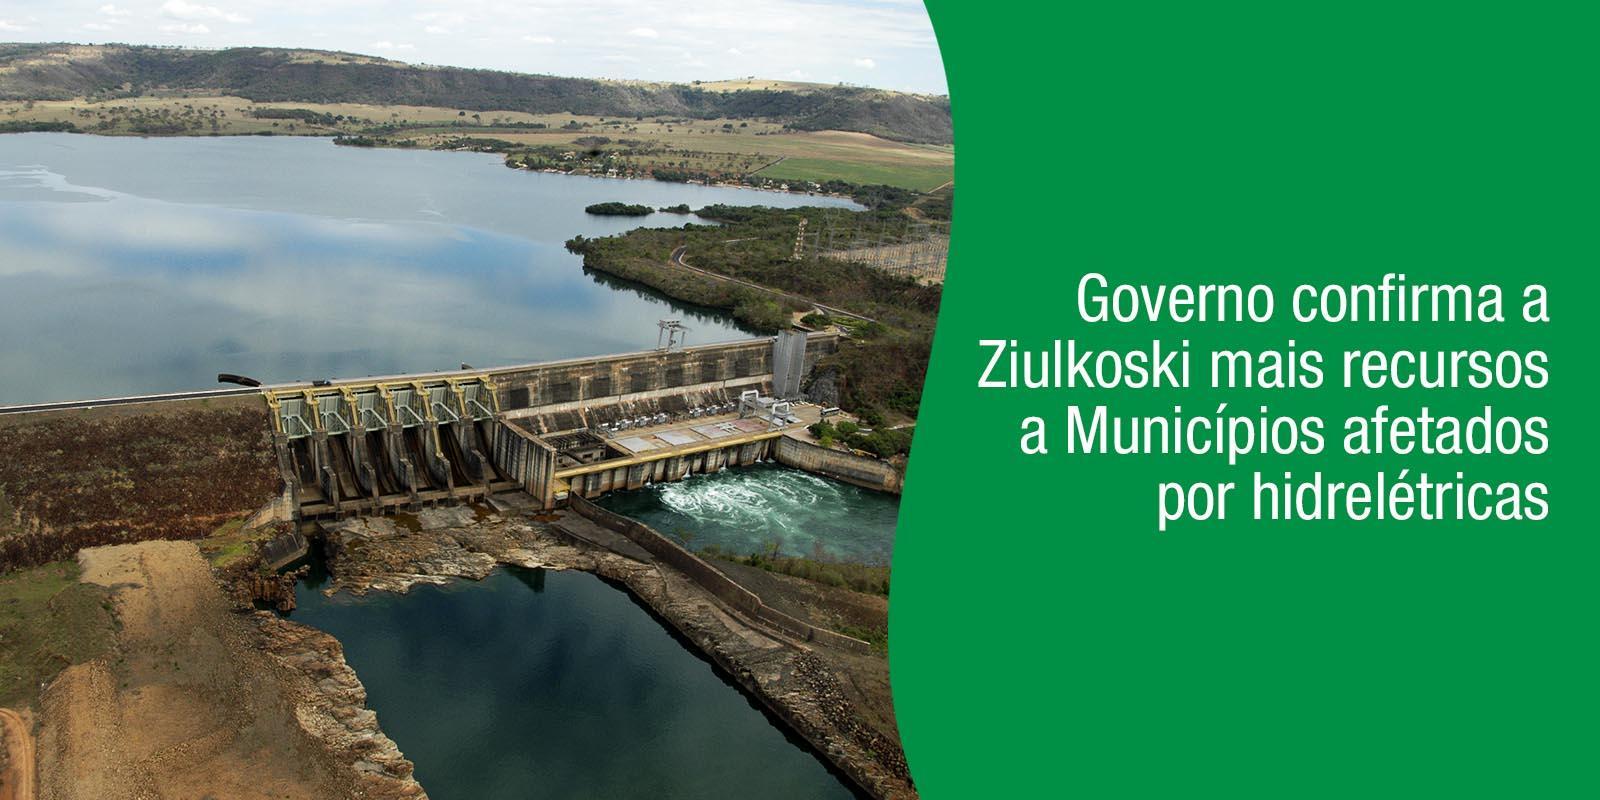 Comunicado CNM: Governo confirma a Ziulkoski mais recursos a Municípios afetados por hidrelétricas